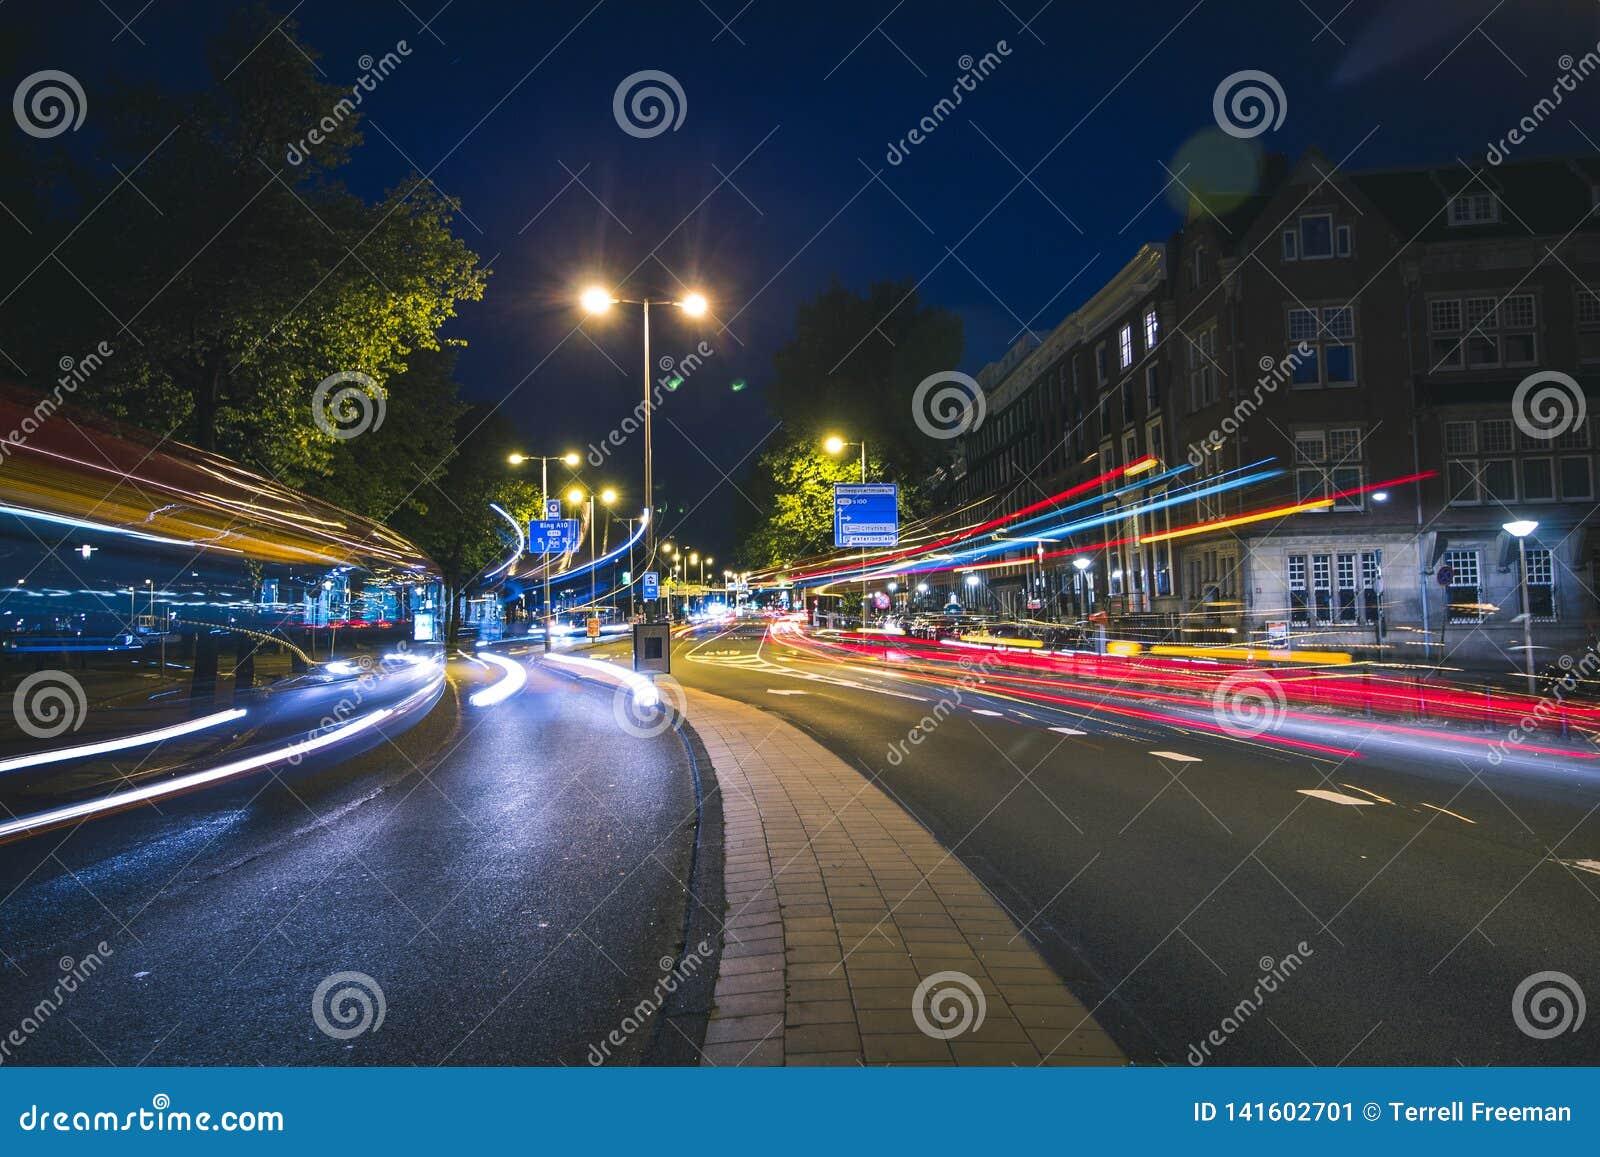 Traînées légères des autobus et du trafic à Amsterdam, Pays-Bas